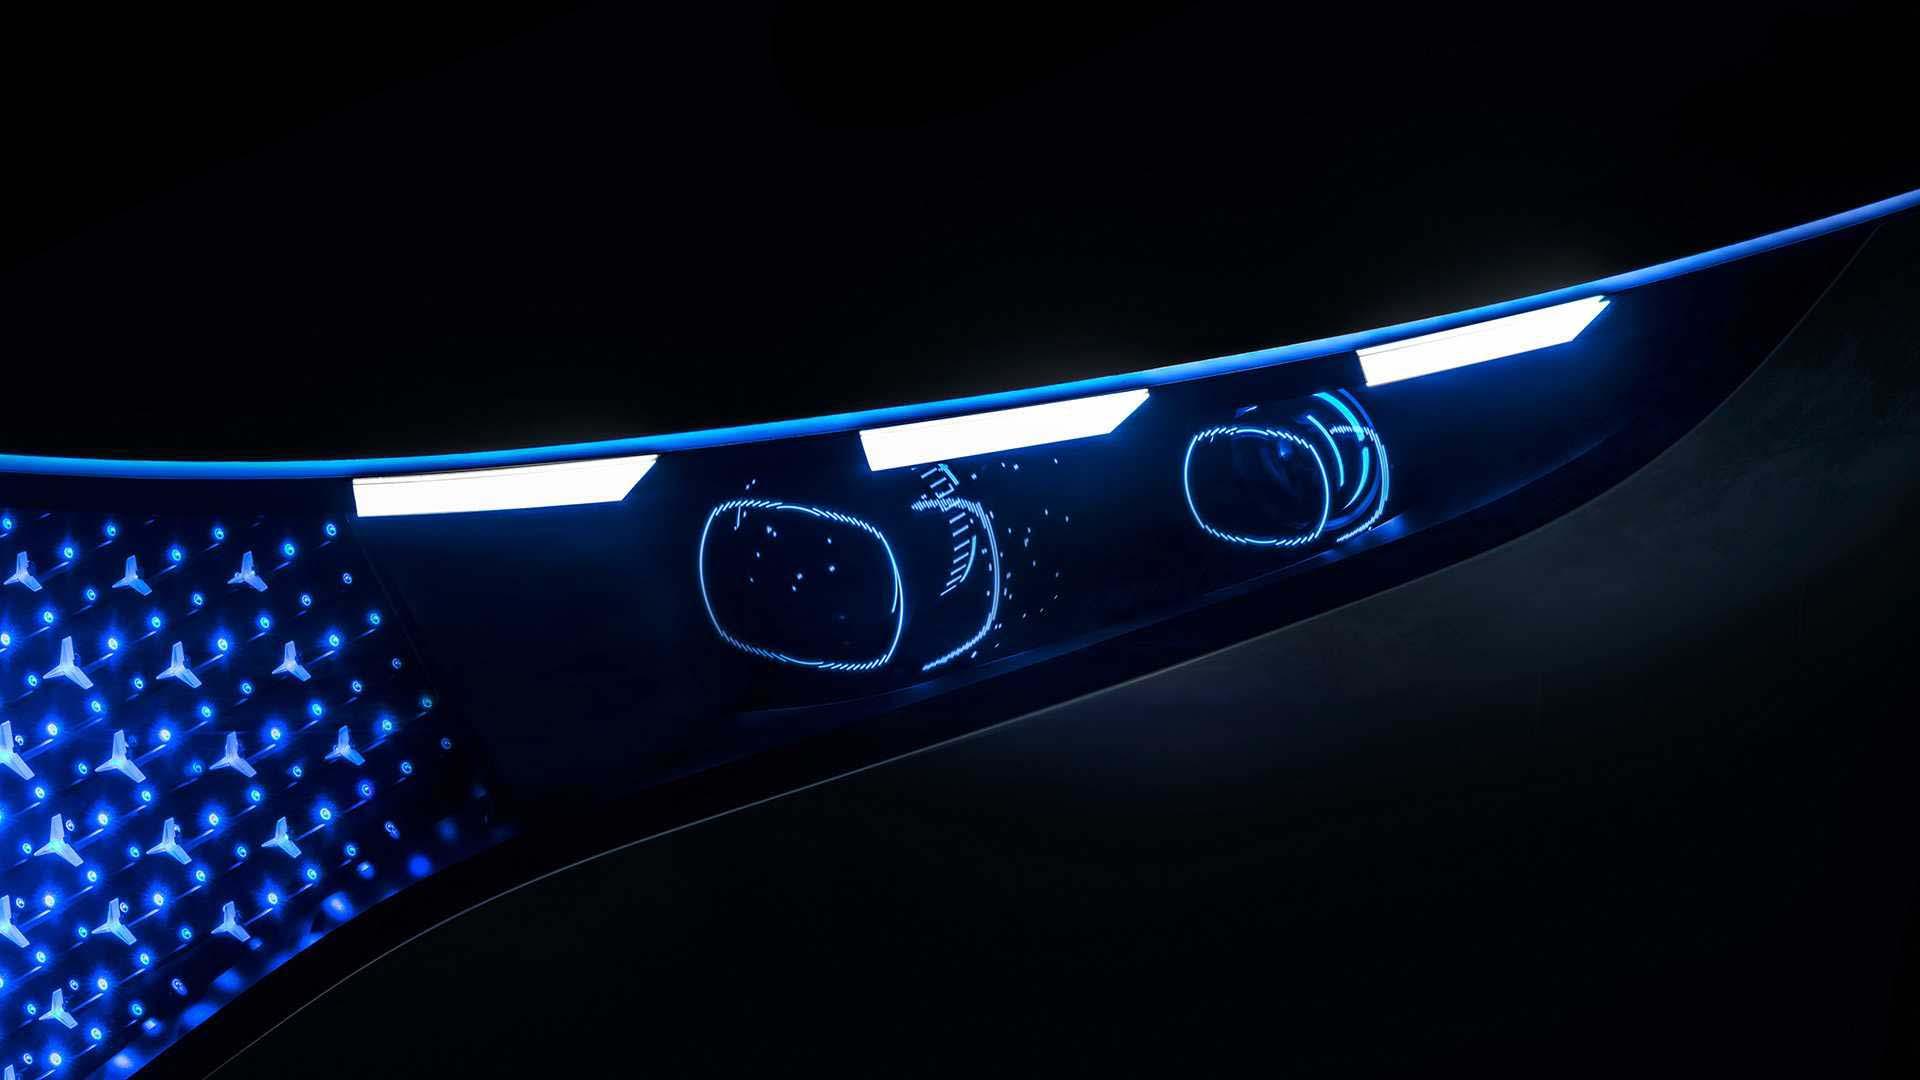 مرسدس بنز -خودرویی از آینده